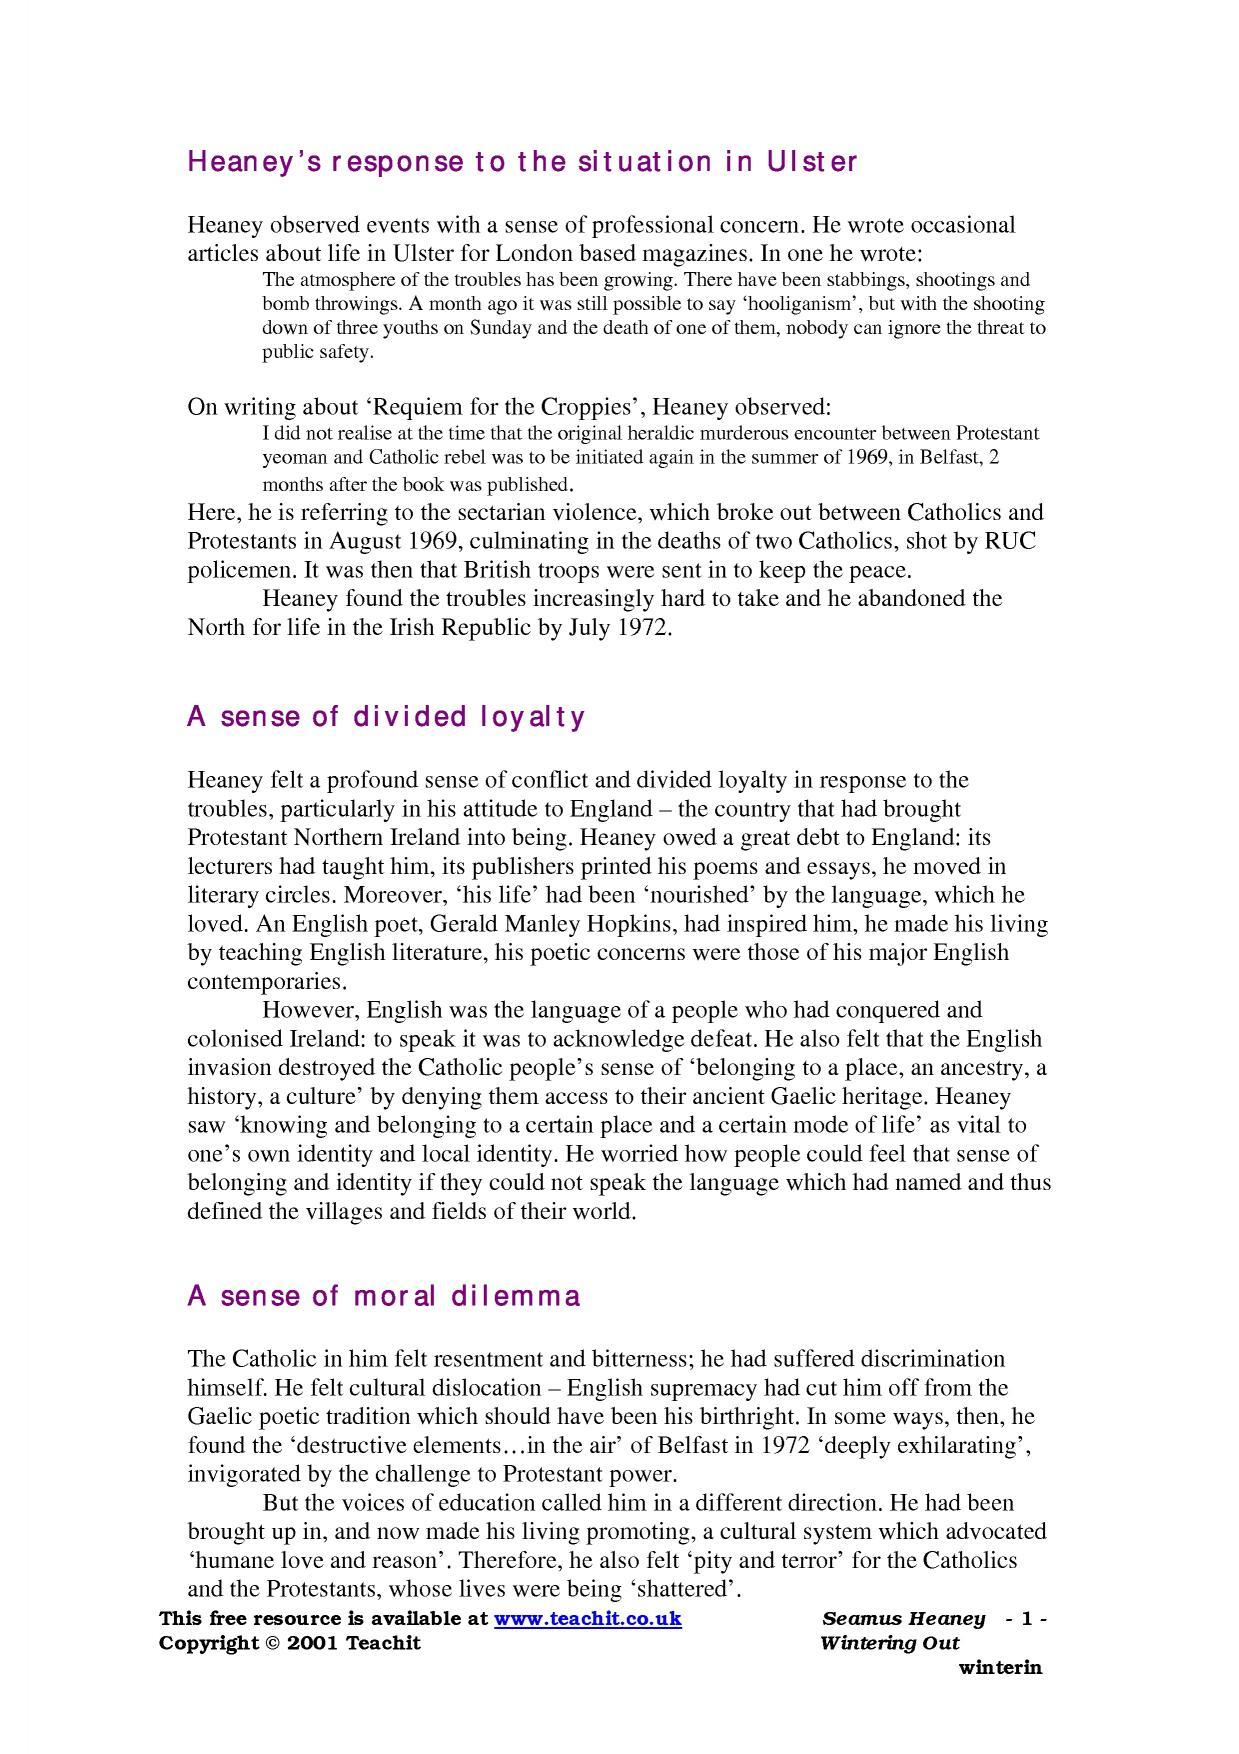 seamus heaney essay punishment